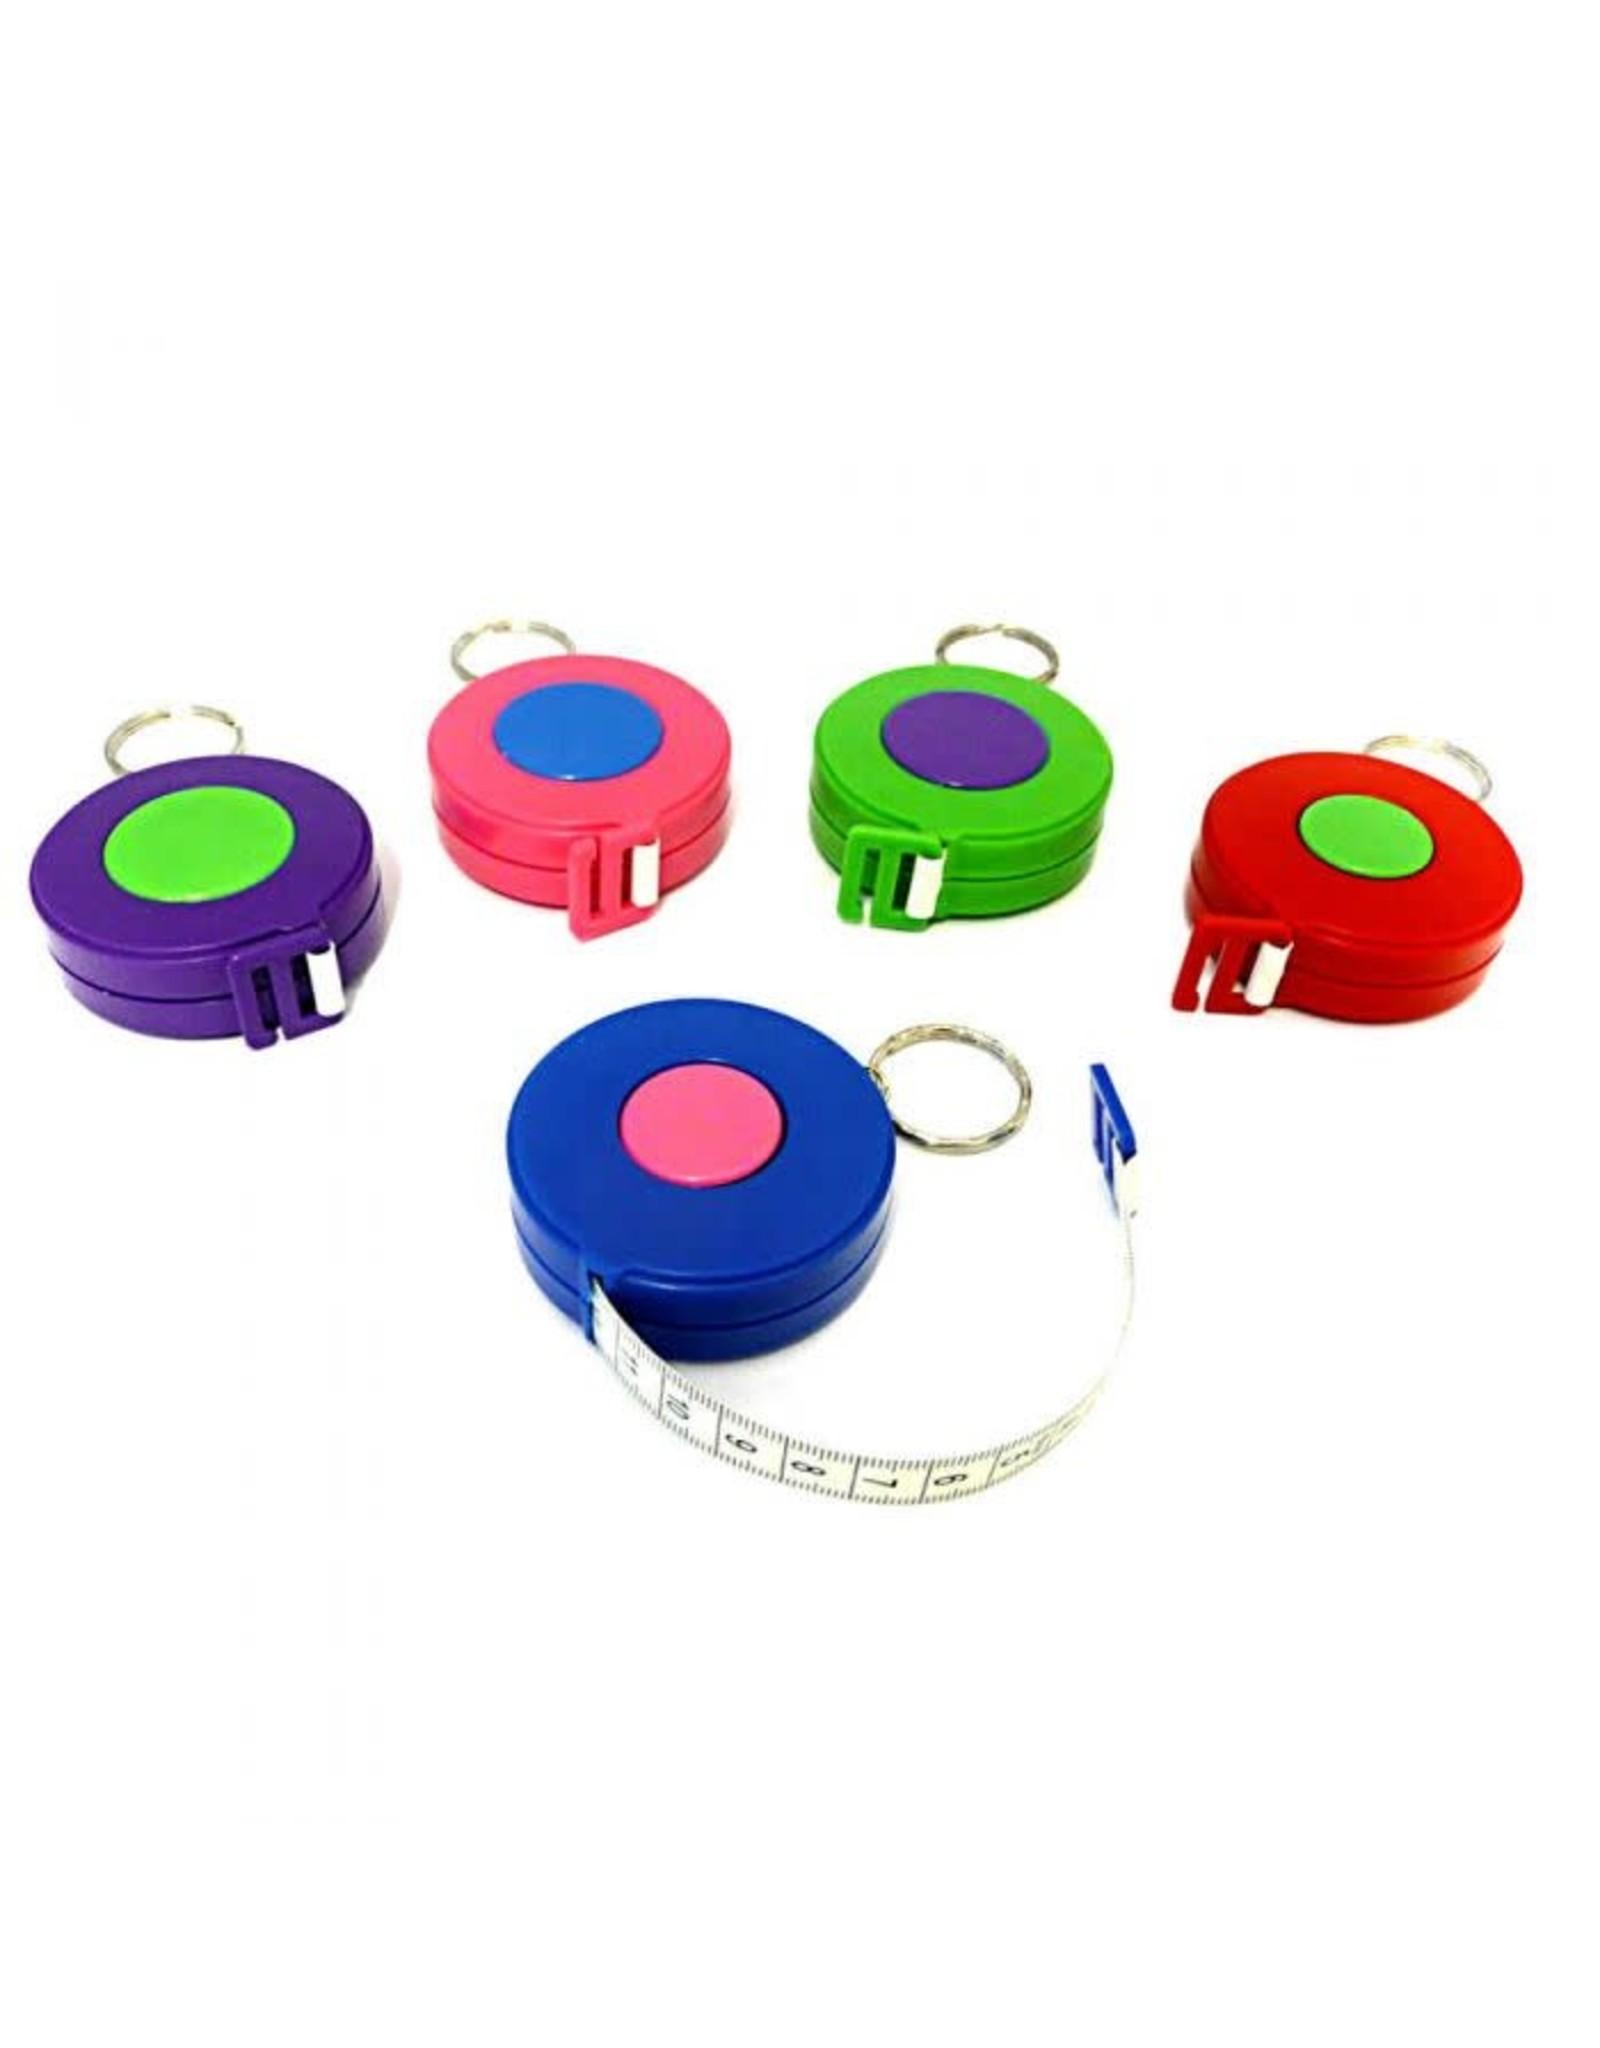 Opry rolcentimeter